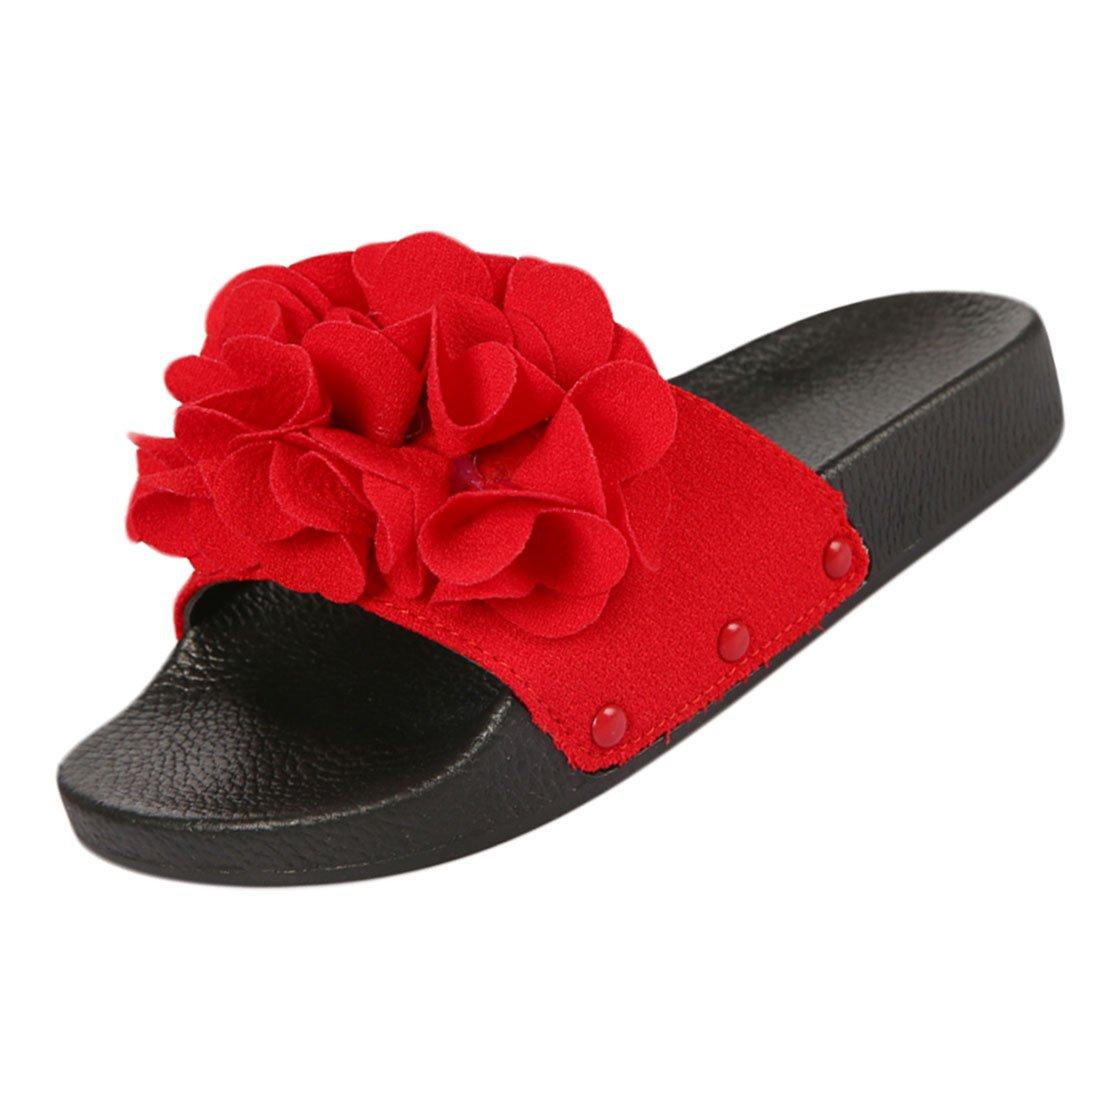 Fille Enfant Tongs Unisex Chaussure de YYF Chaussure Plat de Ete Comfortable